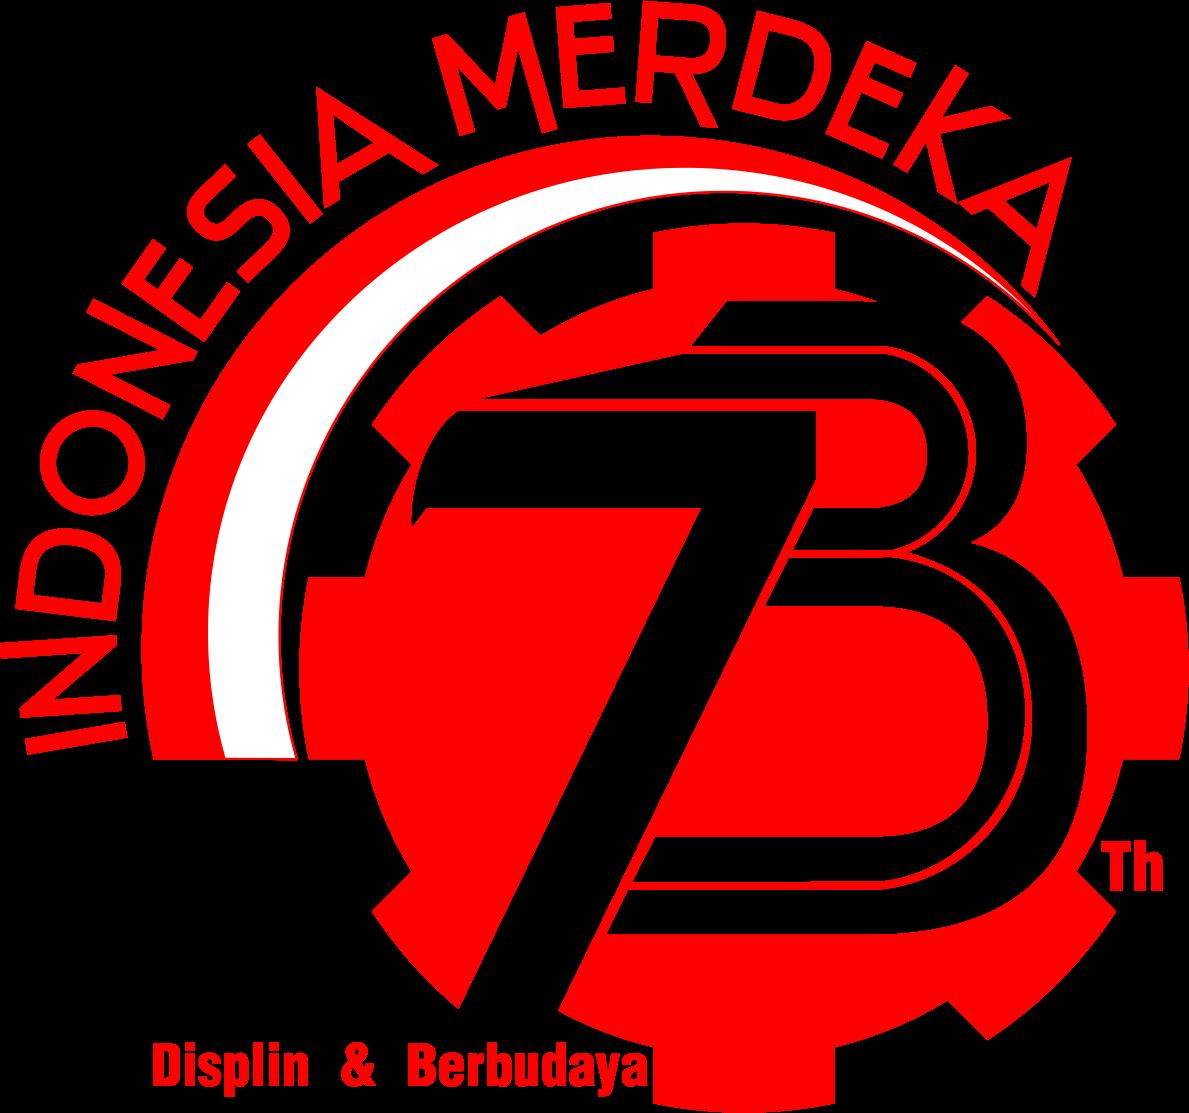 73+th.png (1189×1113) Desain logo, Indonesia, Pejuang